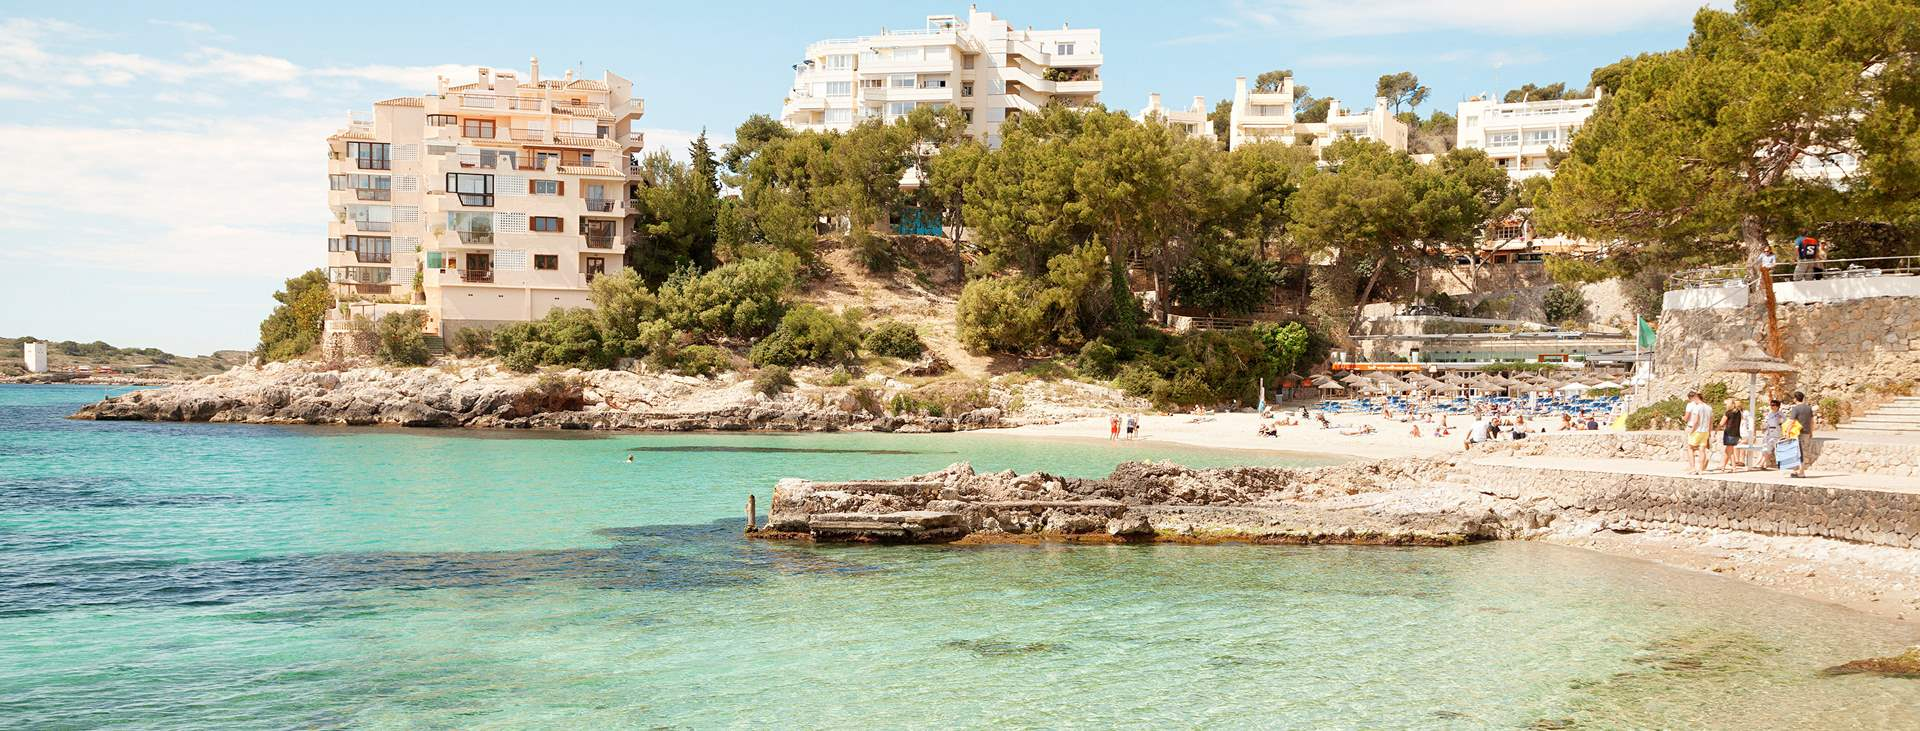 Boka din resa till Illetas på Mallorca med Ving